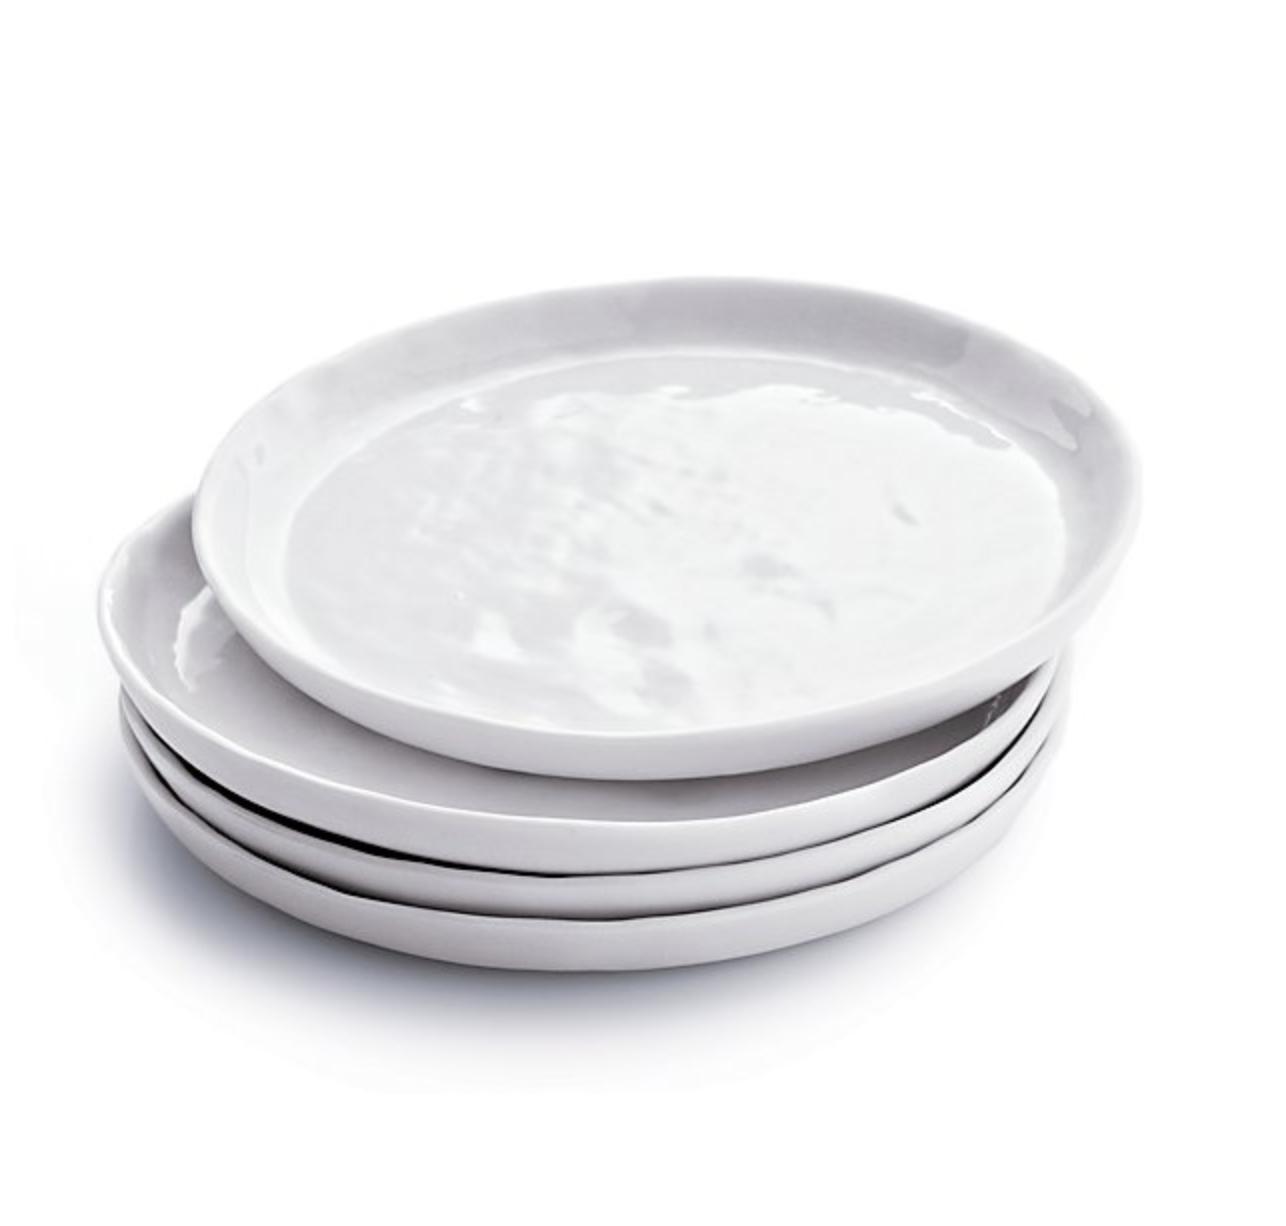 Crate & Barrel Salad Plate